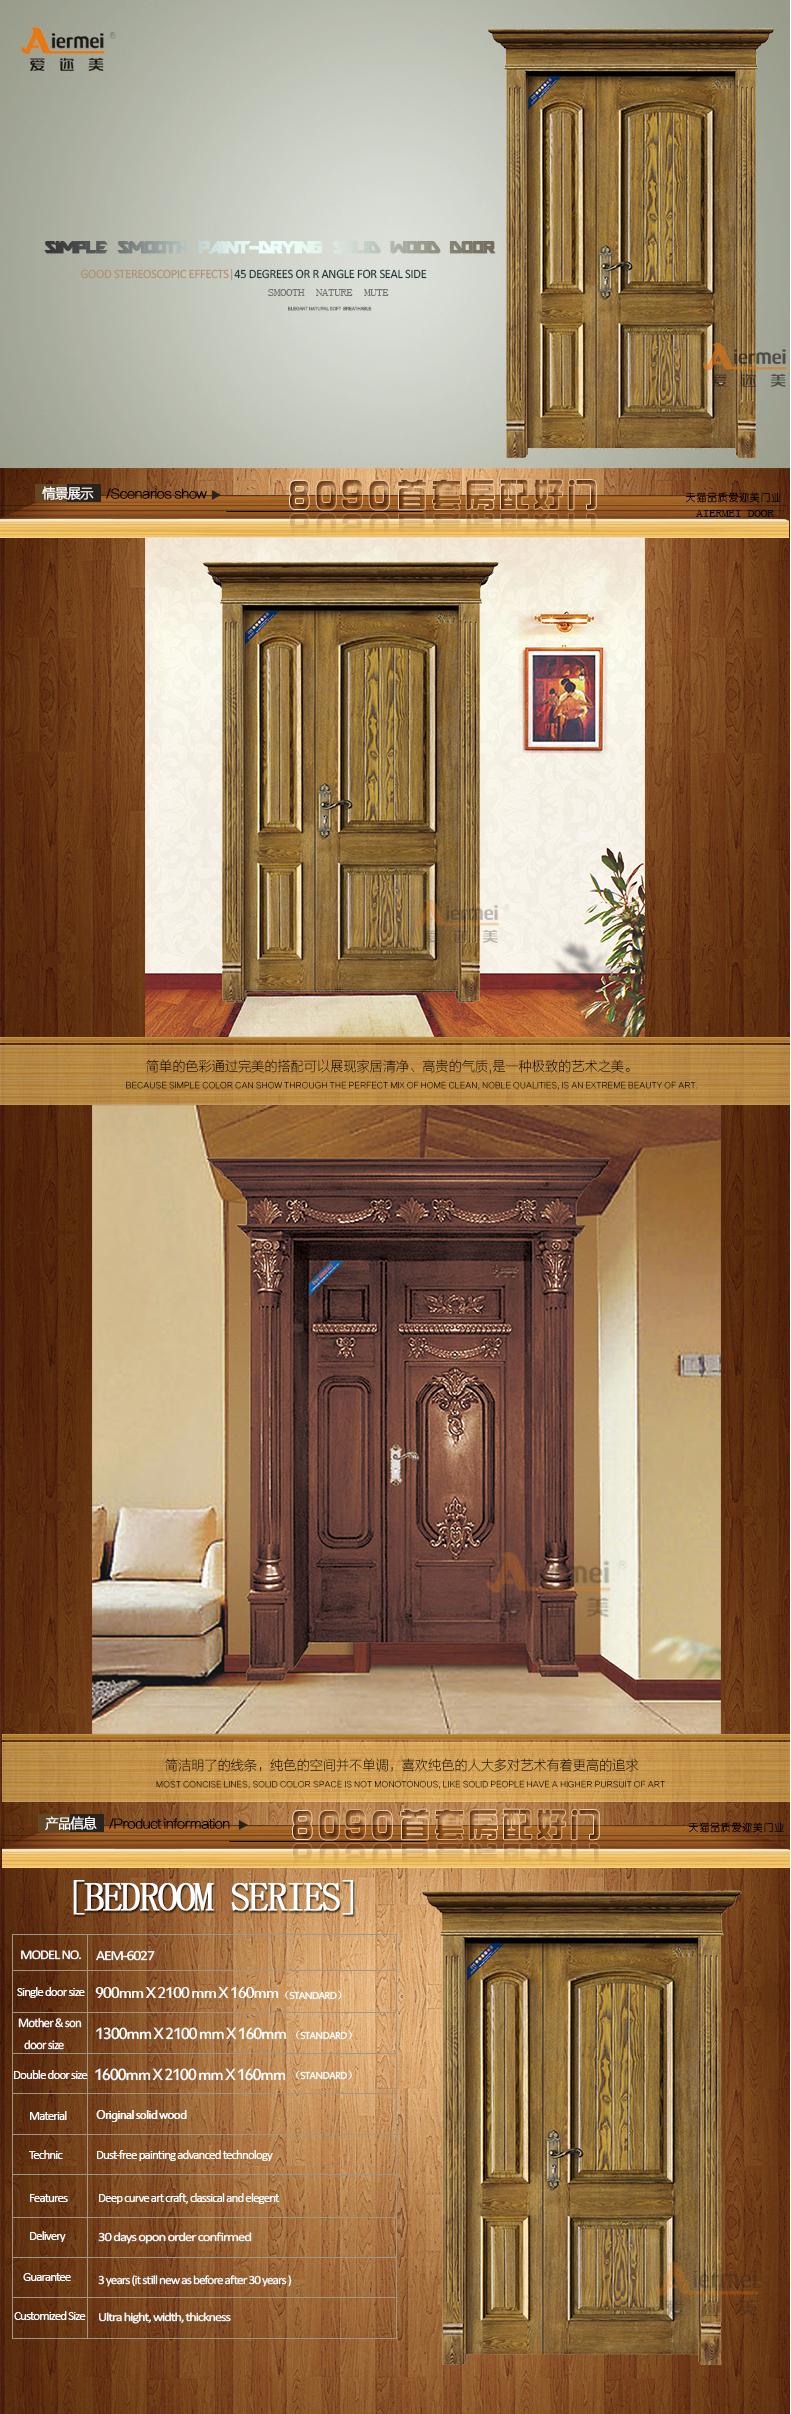 Teak wood main door designs for indian home solid wood for Wooden main door designs for home india